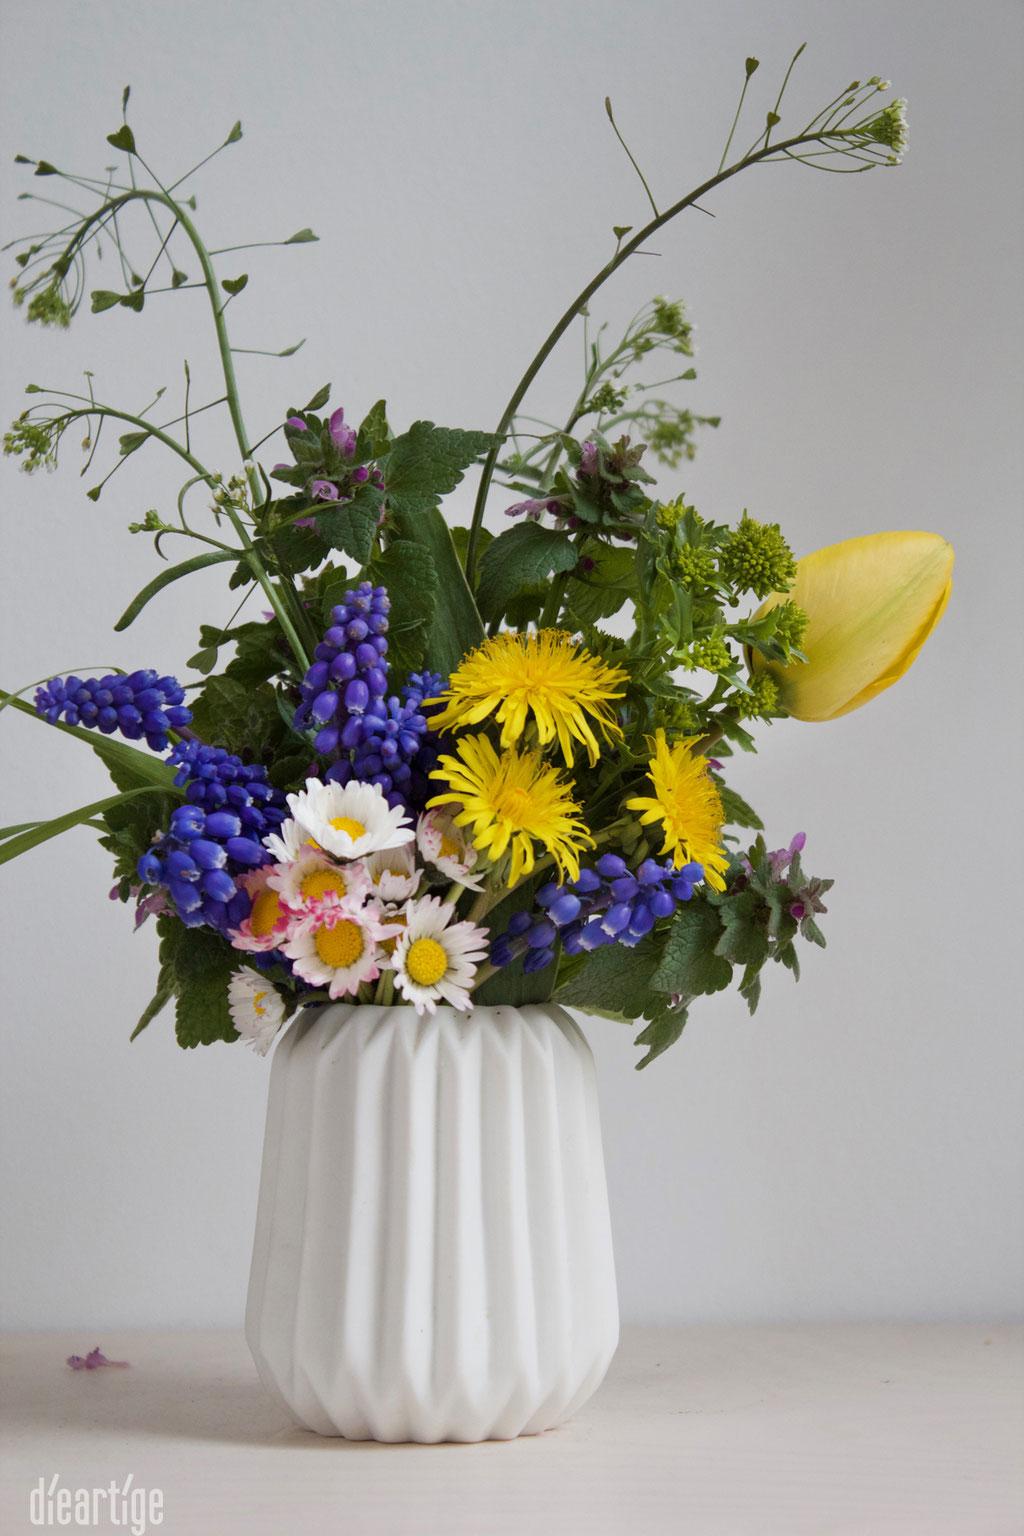 dieartigeBLOG - Wiesenblumen, Frühlingsblumen in weißer Keramikvase, Blumen vom Wegesrand